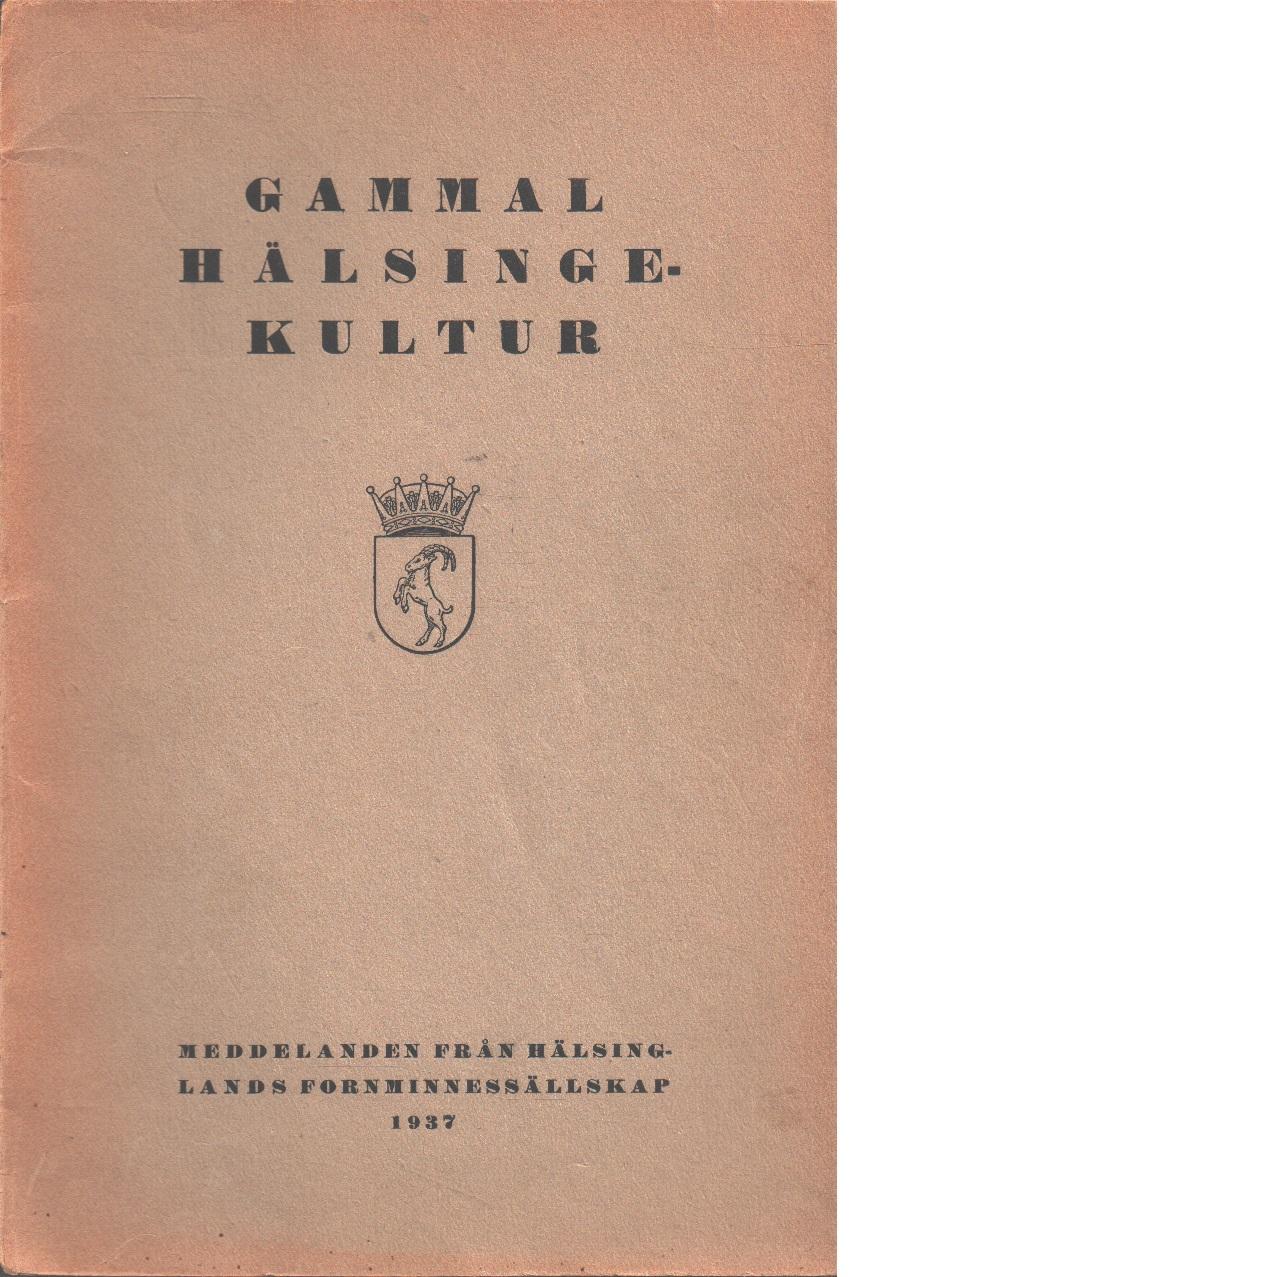 Gammal hälsingekultur : meddelanden från Hälsinglands fornminnessällskap 1937 - Helsinglands Fornminnessällskap